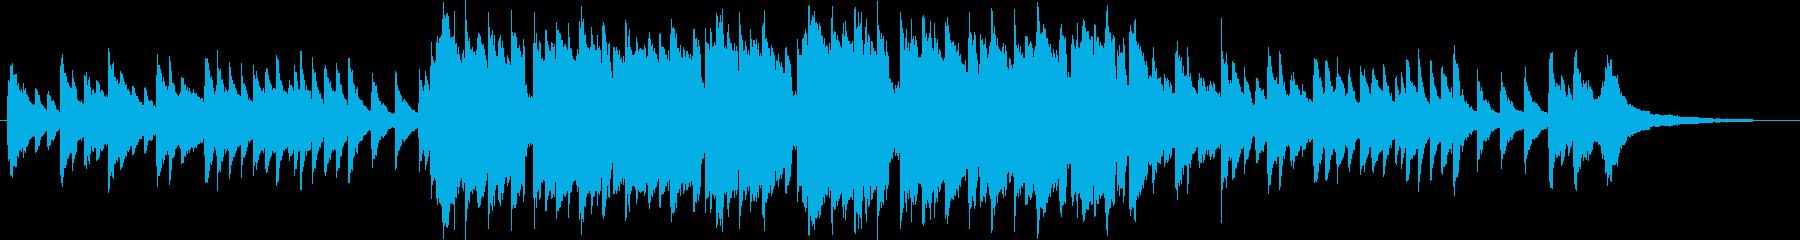 ピアノとオーボエの曲です。の再生済みの波形